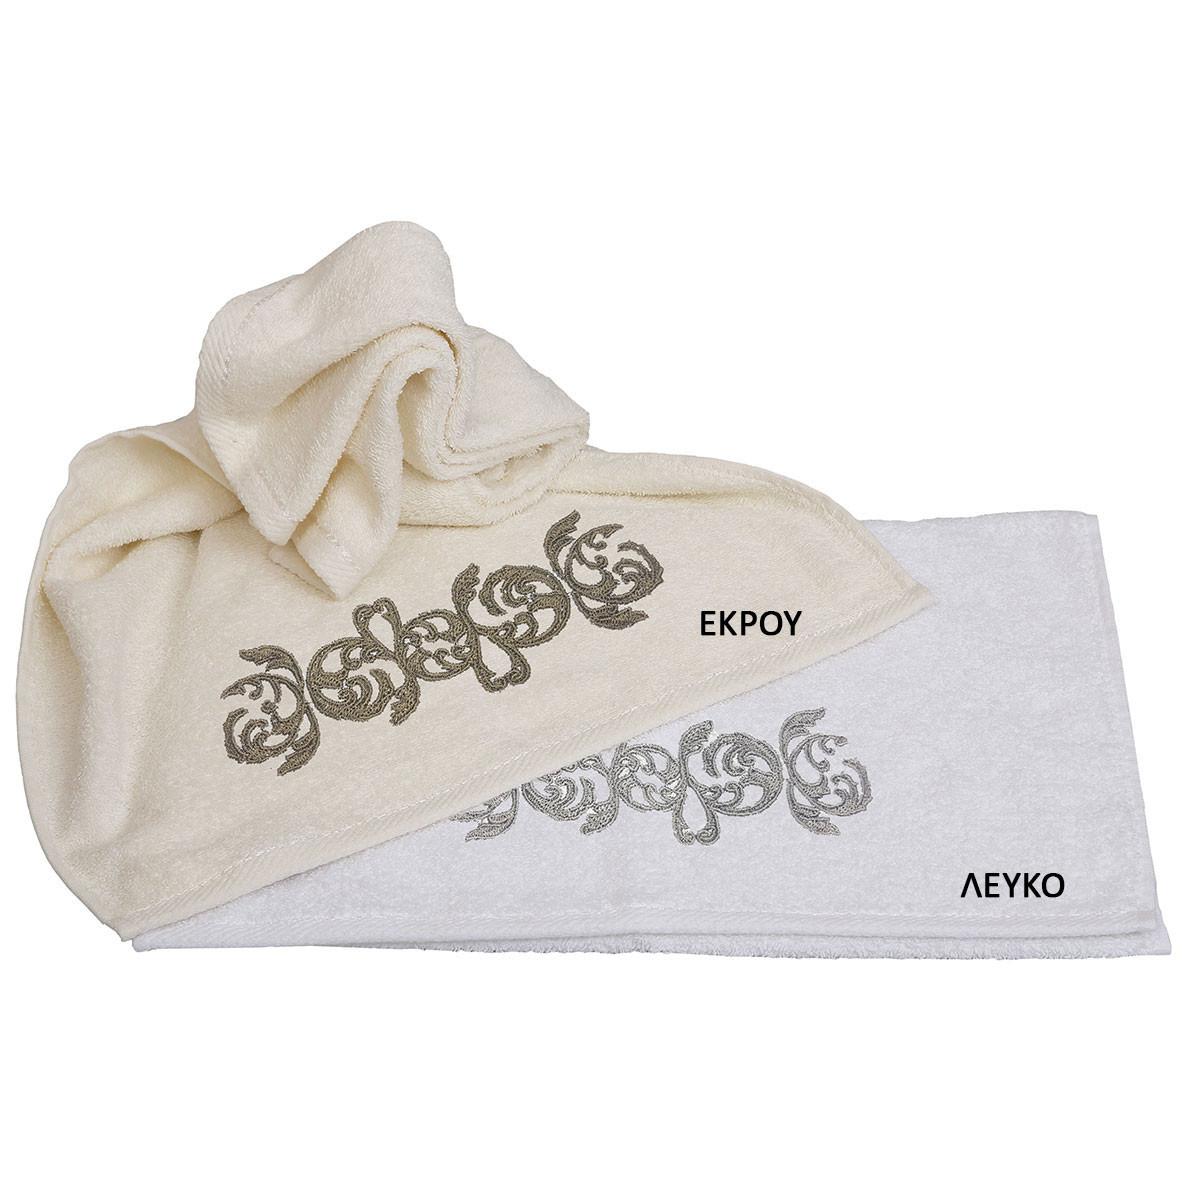 Πετσέτες Μπάνιου (Σετ 2τμχ) Viopros Bath Ideas Σχ 35 home   μπάνιο   πετσέτες μπάνιου